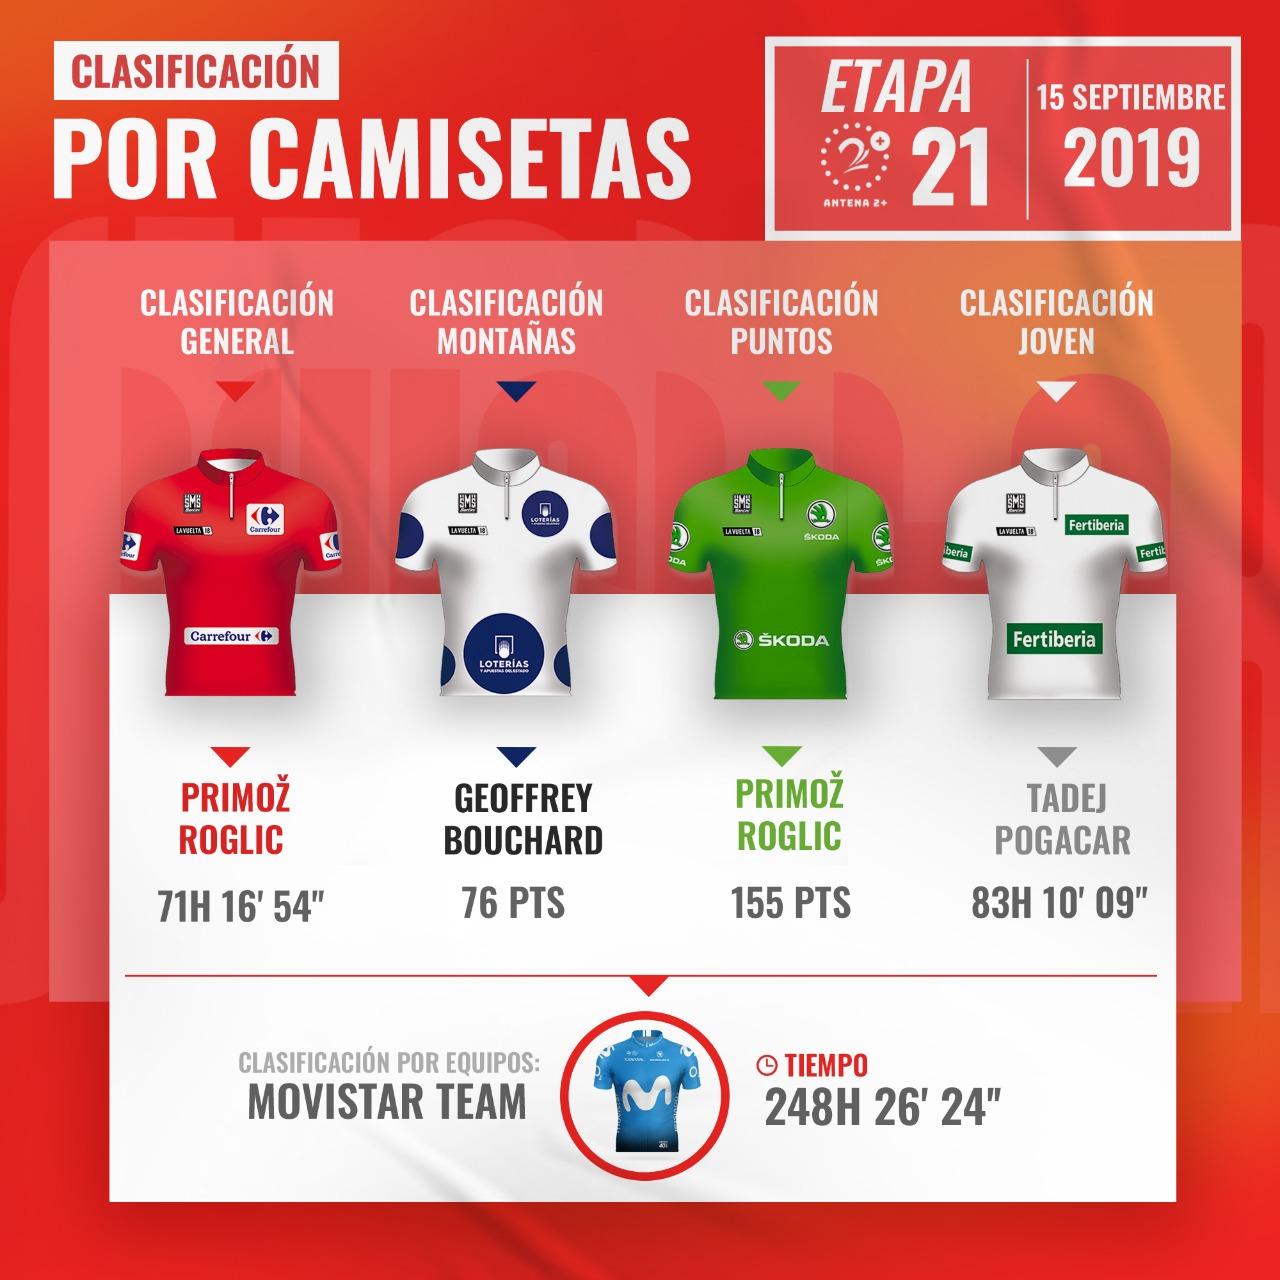 Vuelta a España 2019, líderes, etapa 21